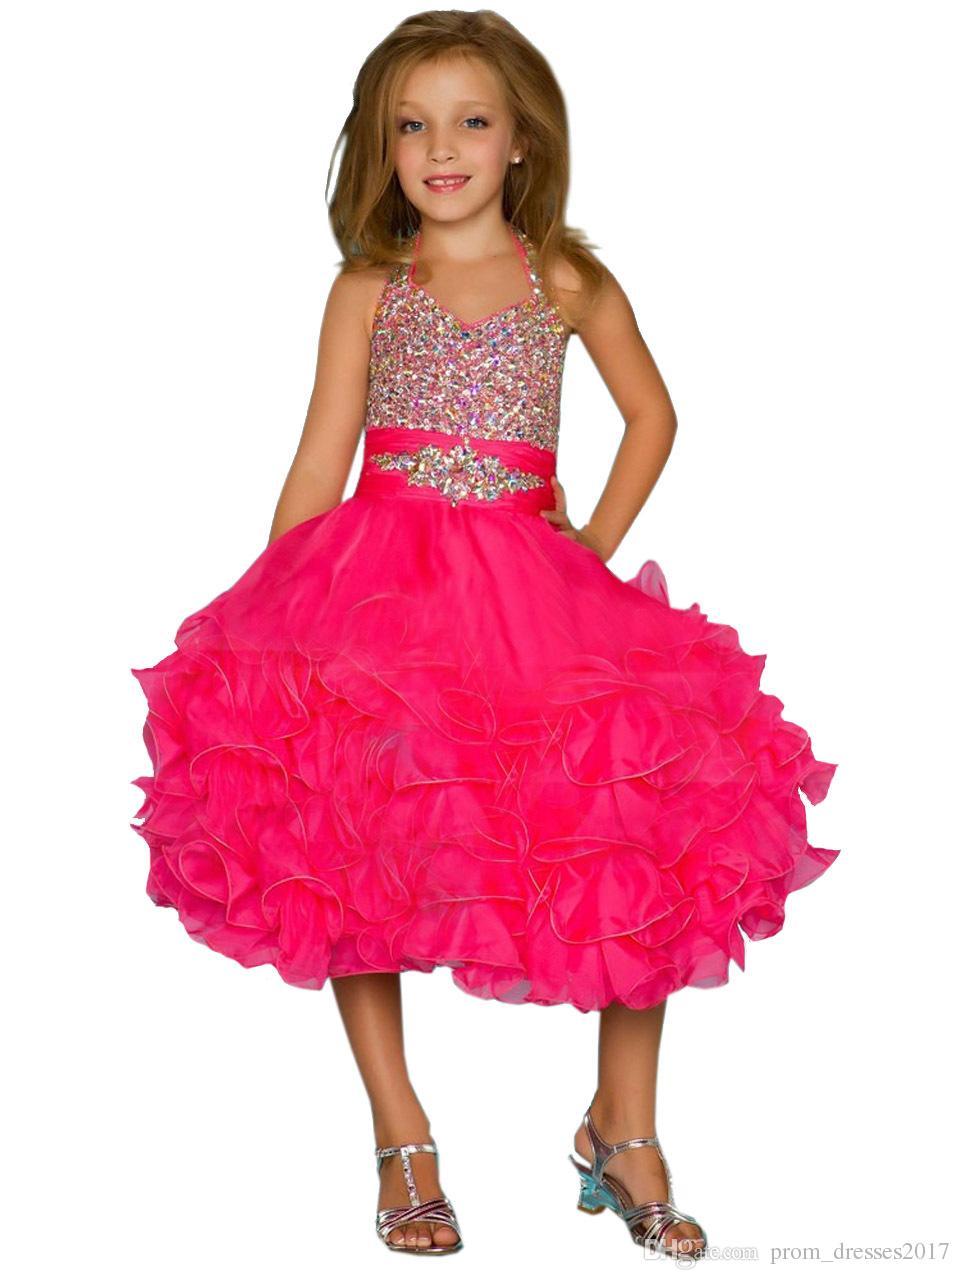 Halter Beading Child Glitz Little Girls Pageant Dresses Organza Cascade Mid-calf Little Girls Short Pageant Dress HY1283